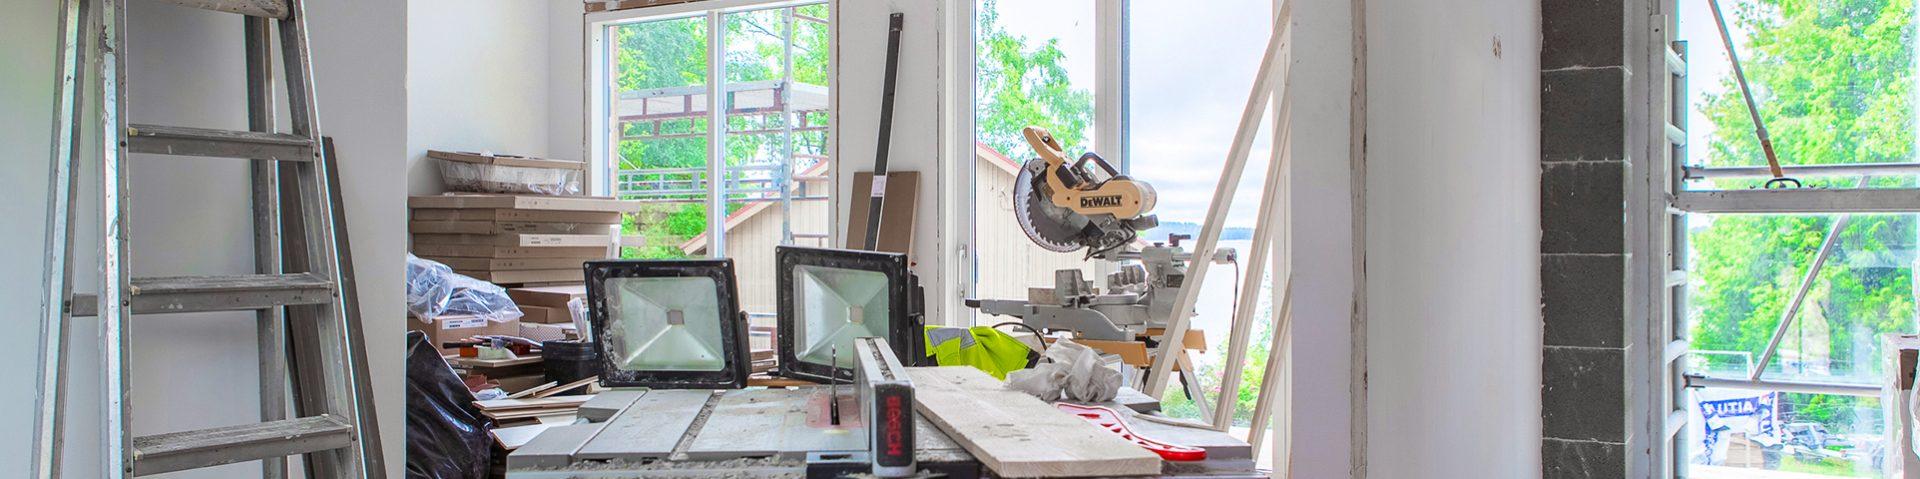 Rakentaminen ja remontointi - miten voimme auttaa? TRT palvelee Pirkanmaan alueella.